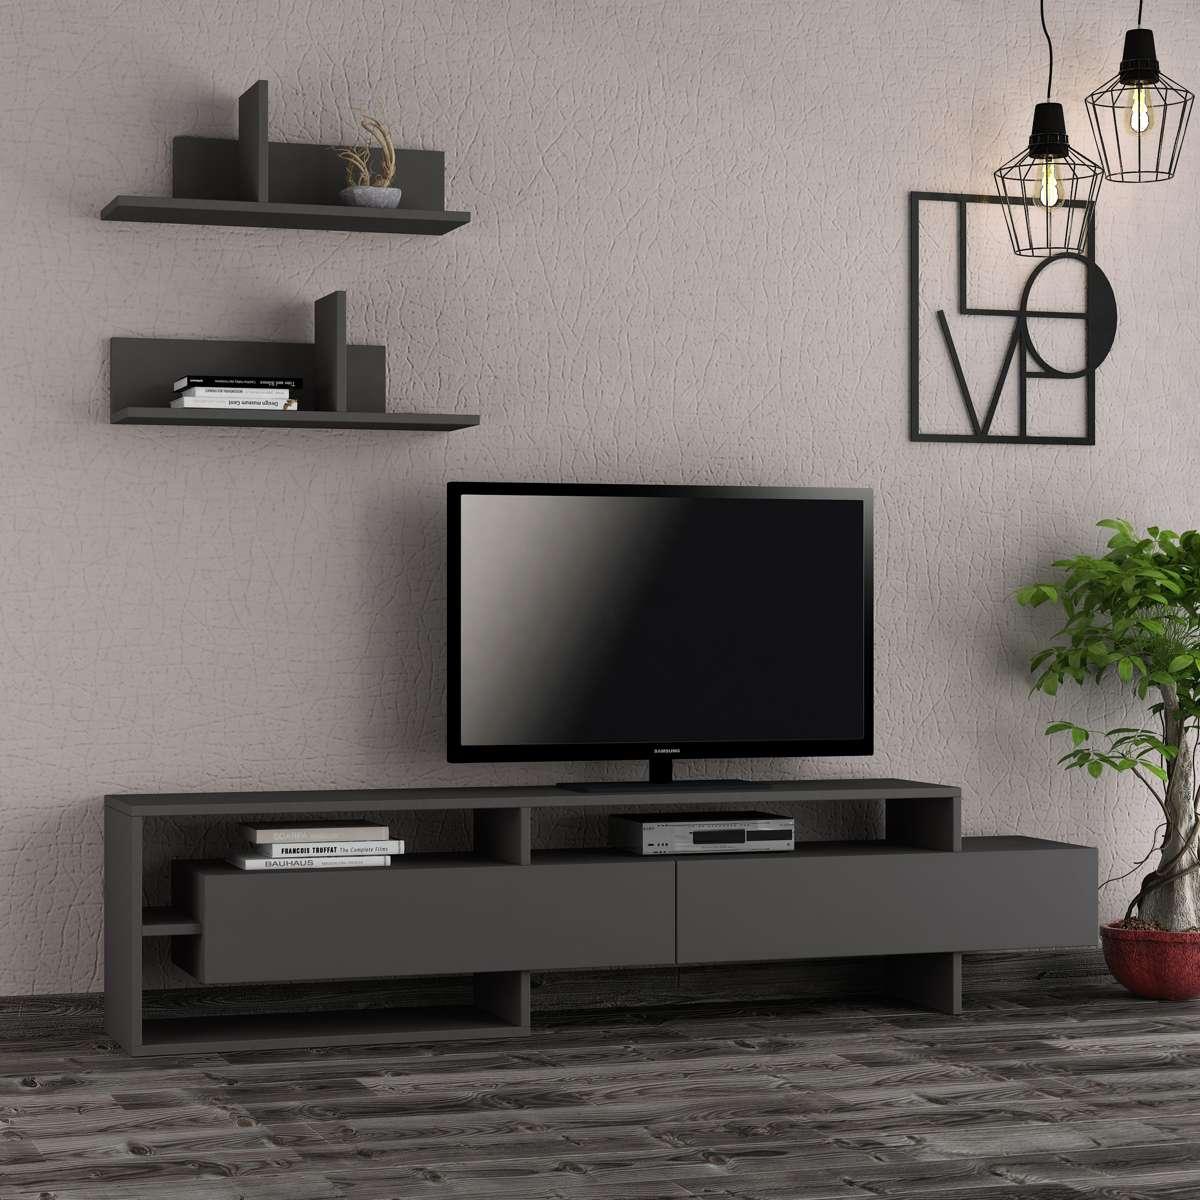 מזנון טלוויזיה עם מדפים Gara אפור 180ס